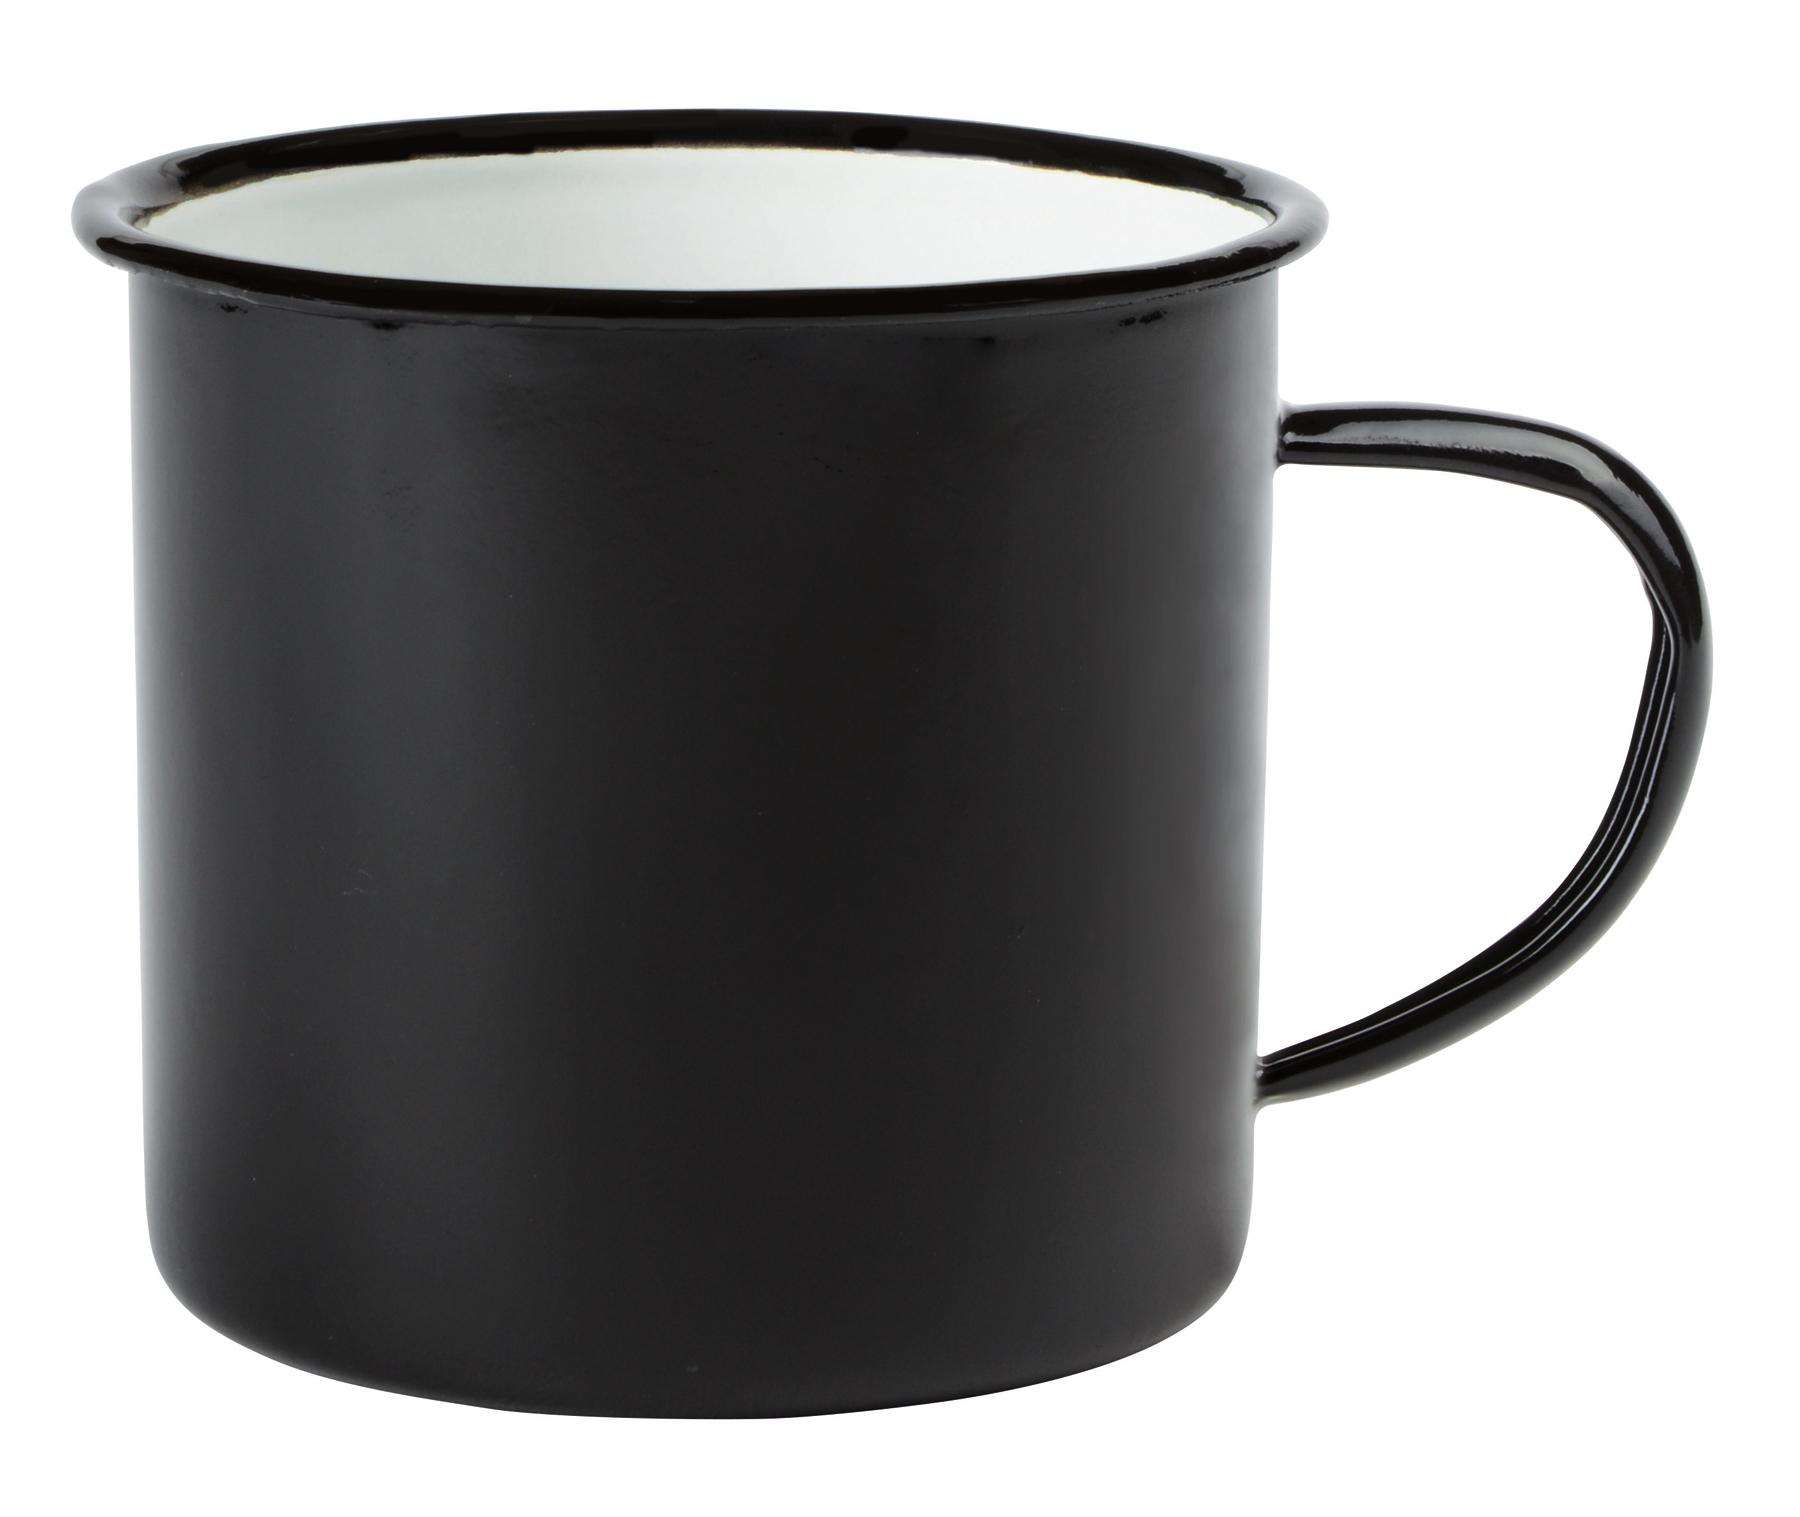 Kubek emaliowany RETRO CUP, biały, czarny